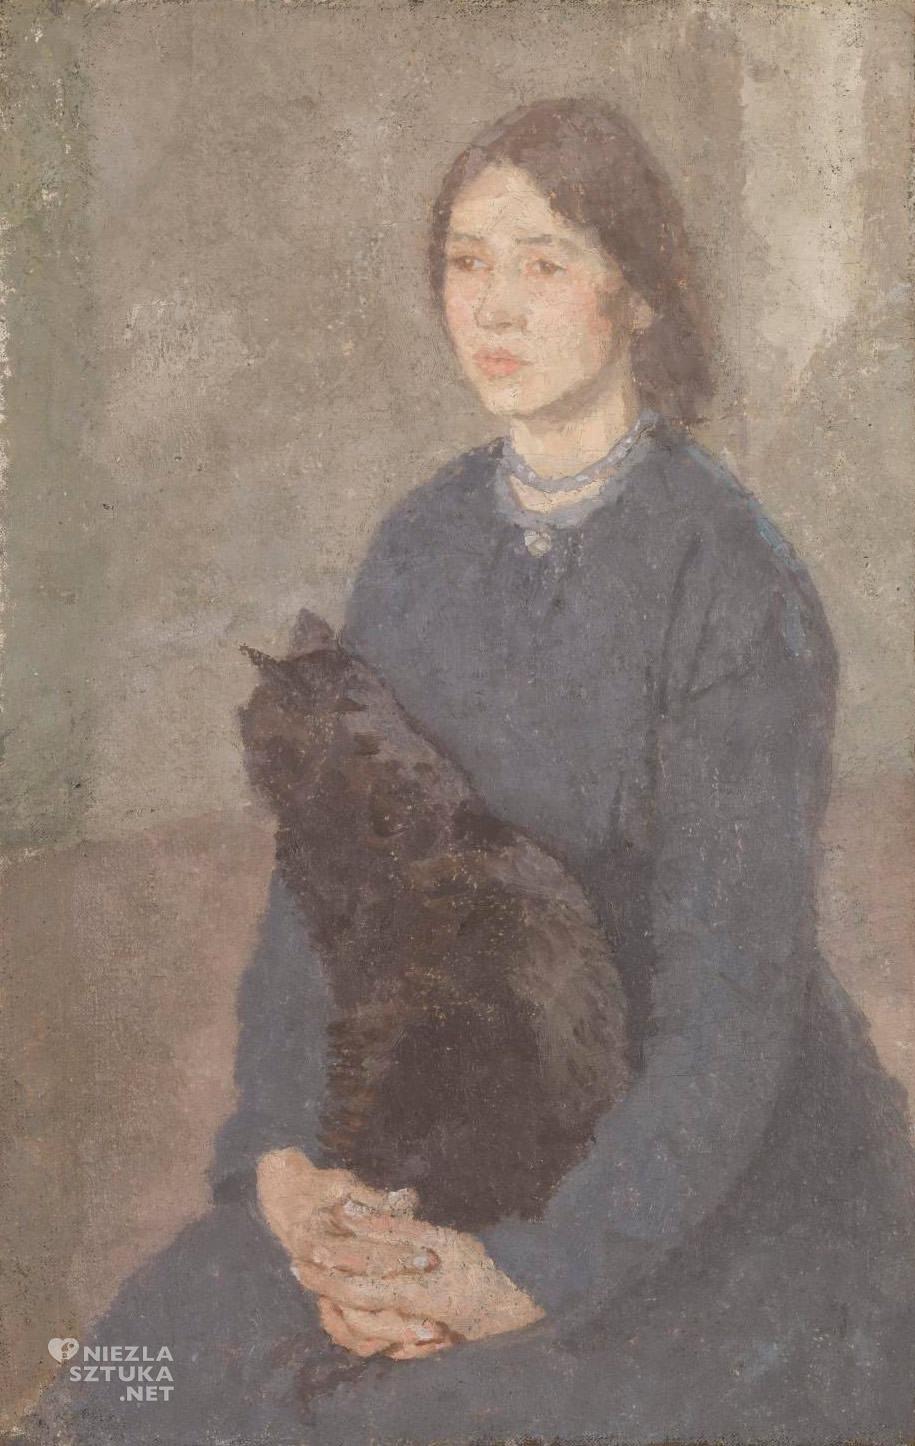 Gwen John, Młoda kobieta trzymająca czarnego kota, Tate, Niezła Sztuka